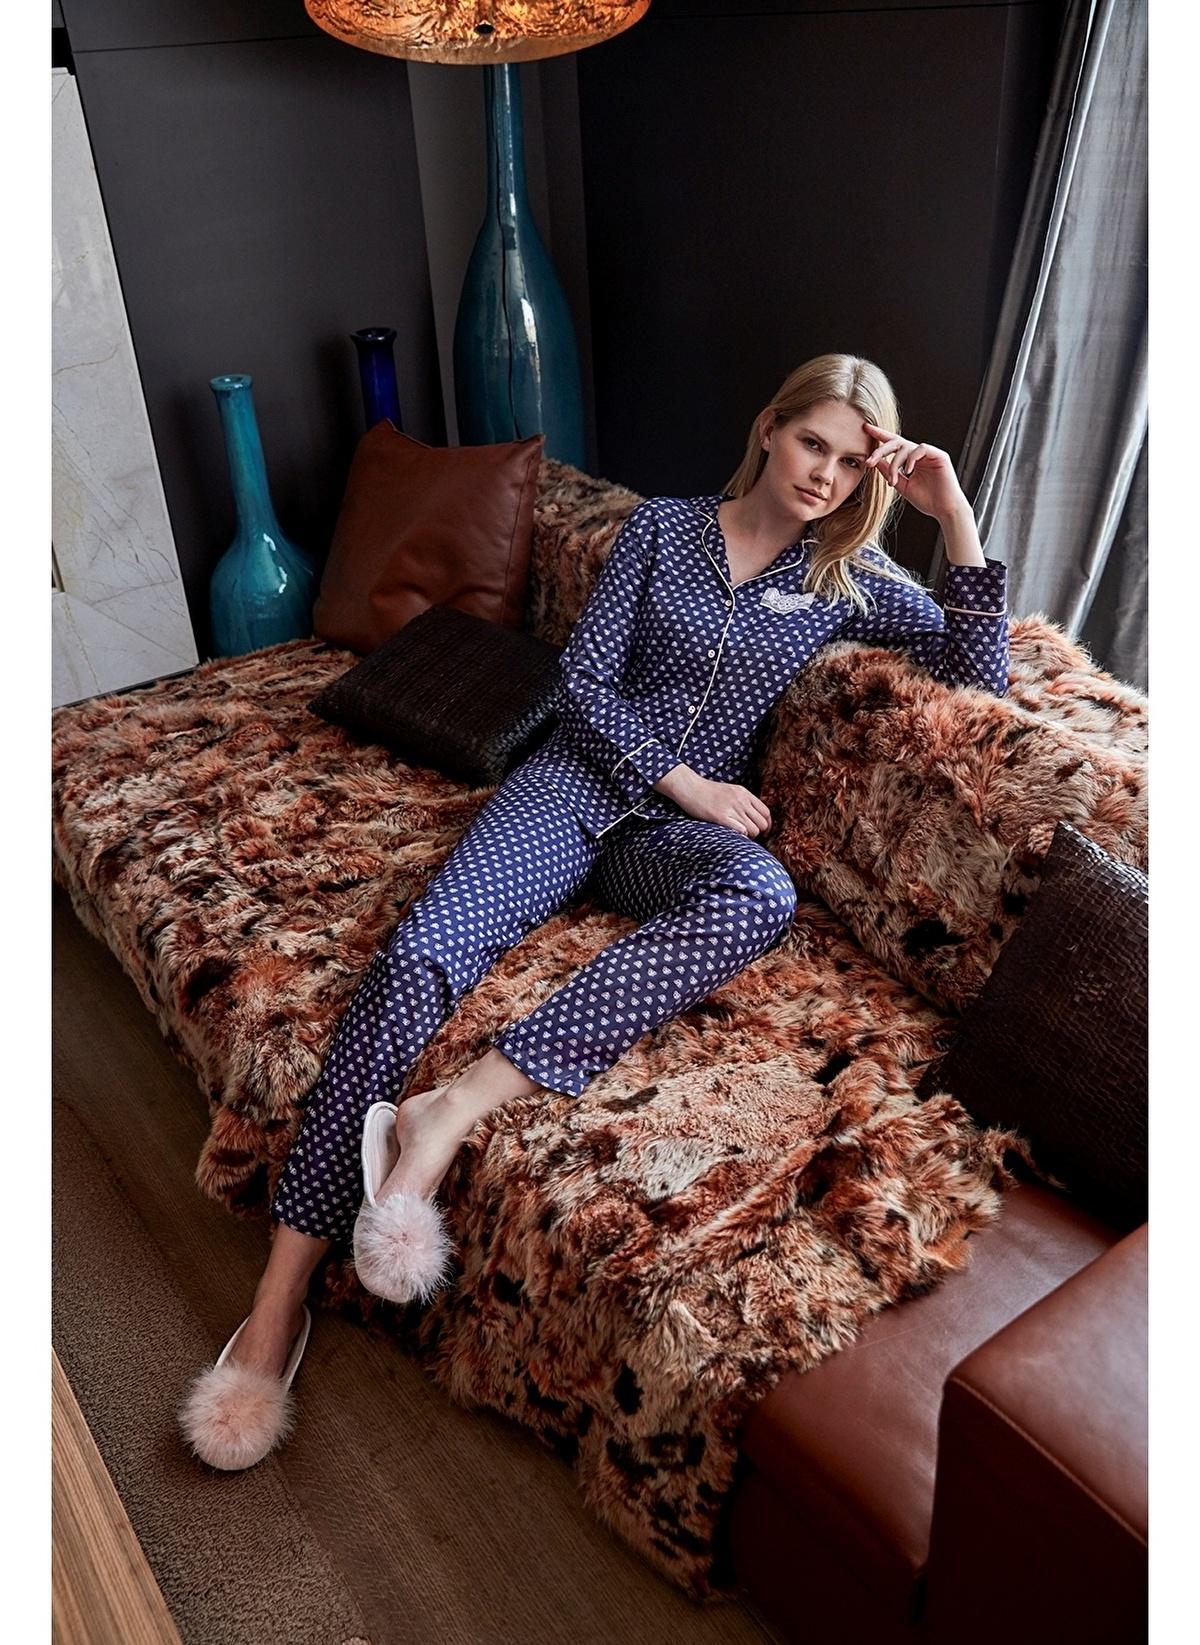 Anıl Kadın Uzunkol Pijama Takım Man9475 Kadın Uzunkol Pijama Takım – 151.9 TL